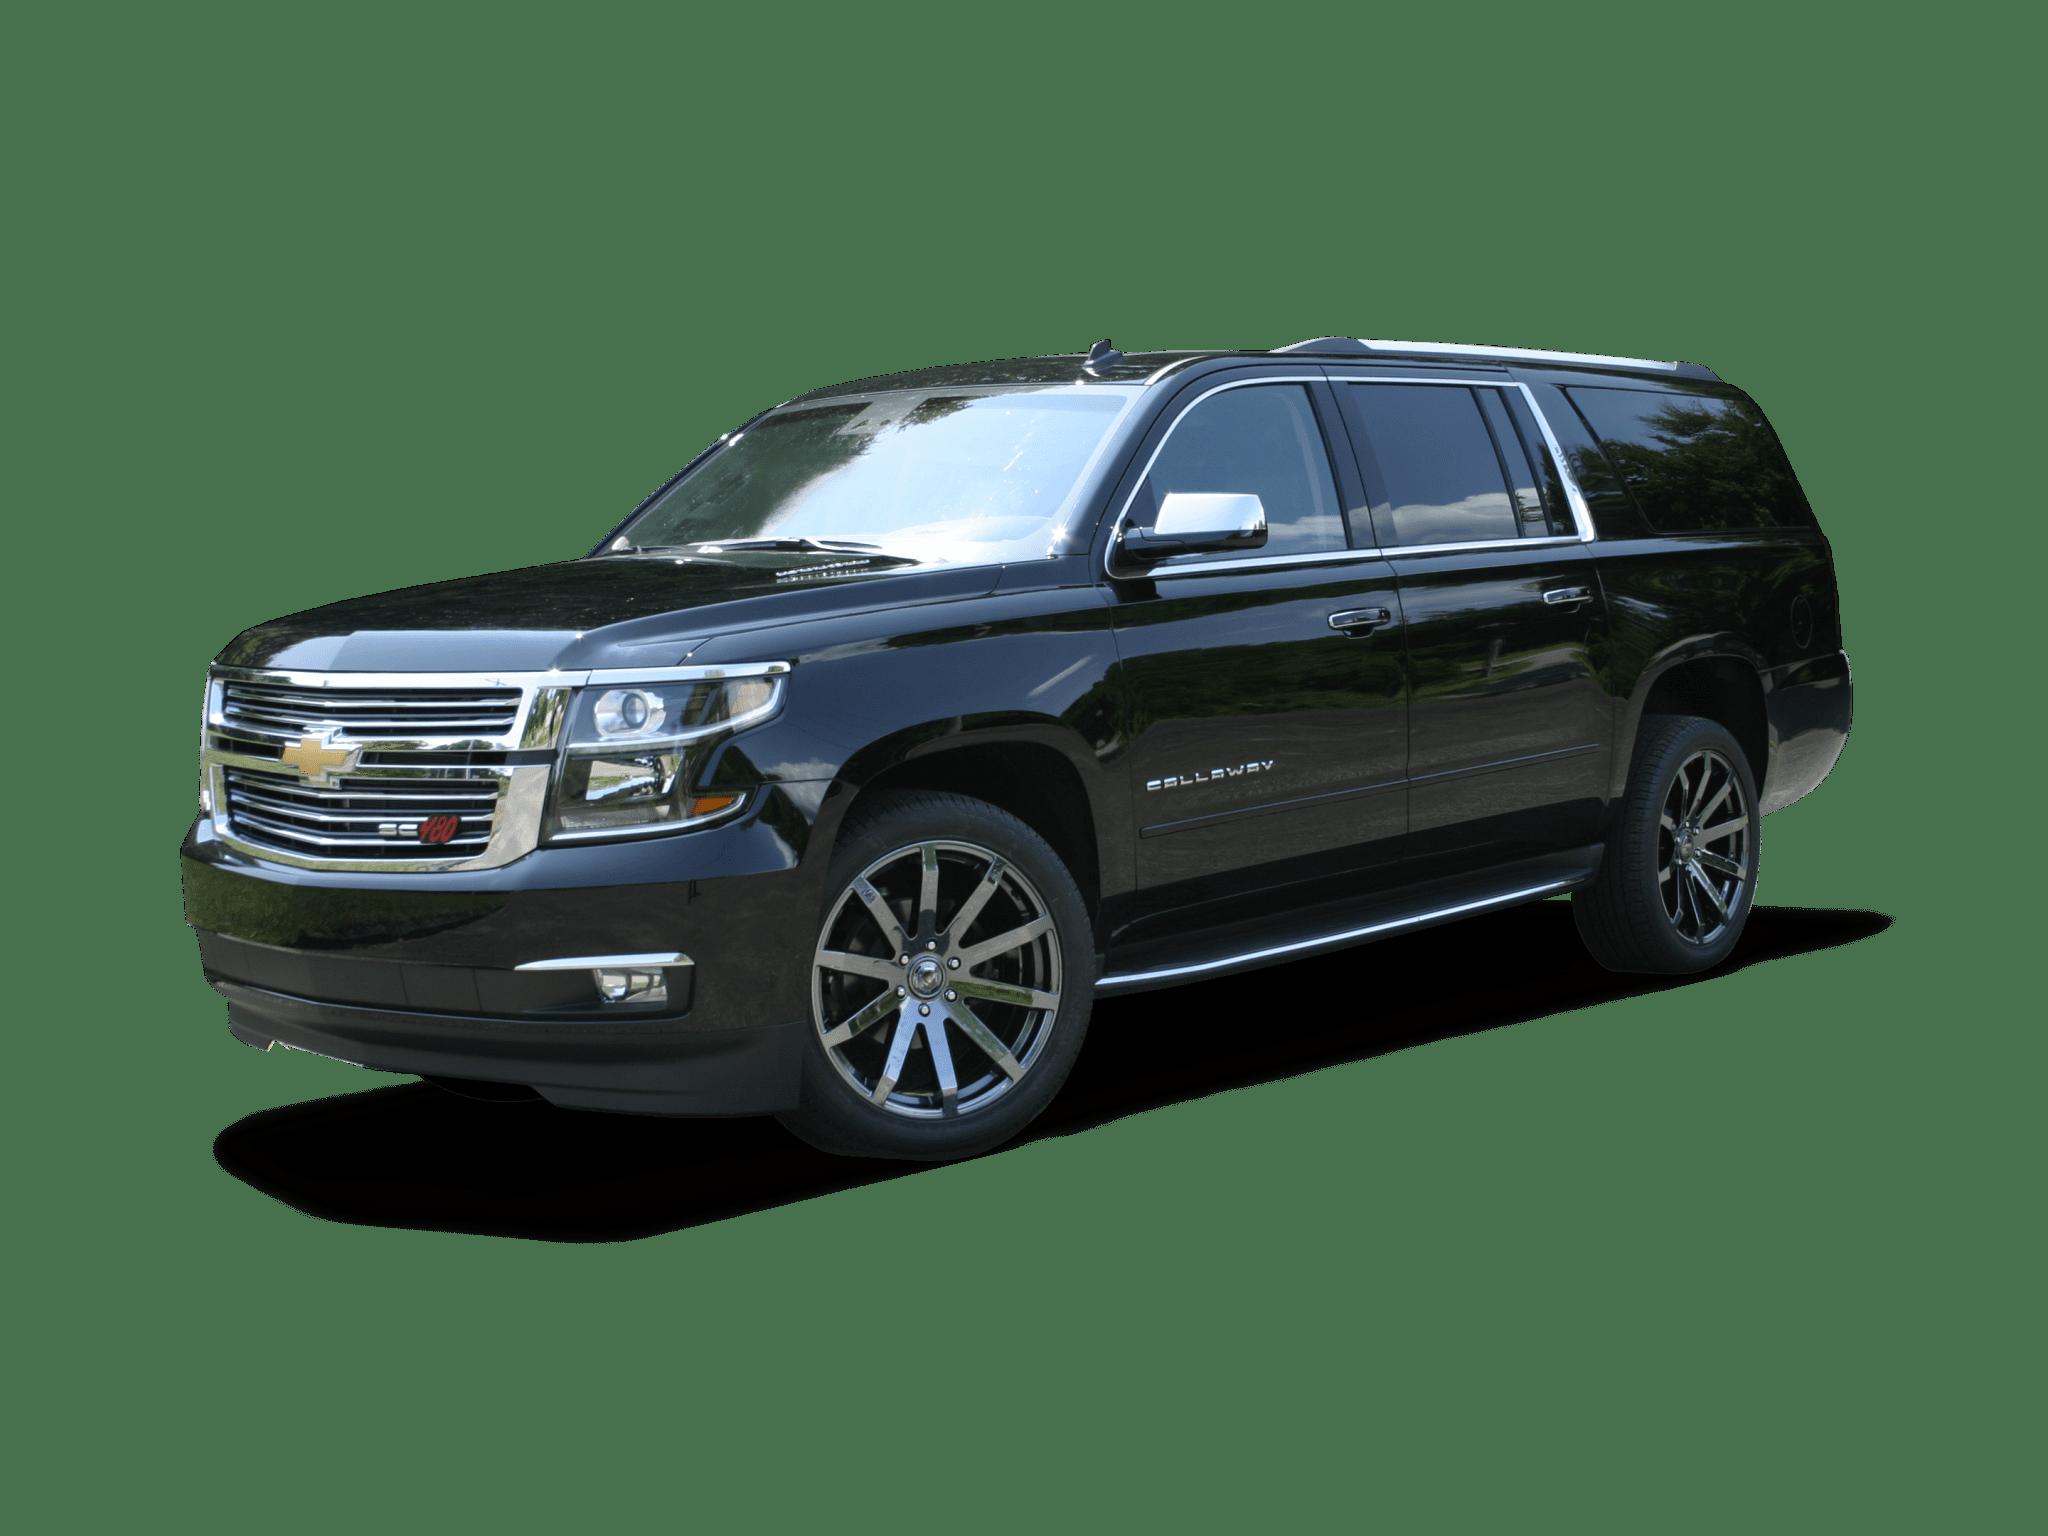 AM Rear Bumper Cover For GMC,Cadillac,Chevy Escalade,Yukon,Suburban ESV